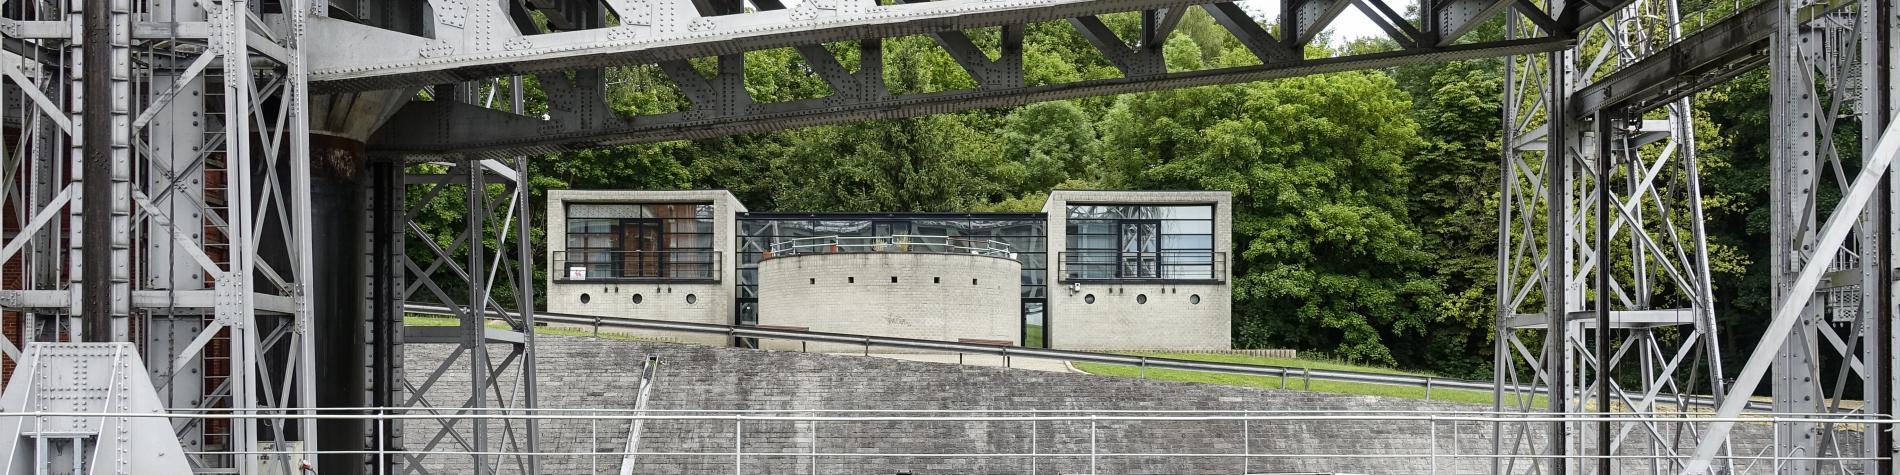 Vélo posé devant les ascenseurs hydrauliques du canal du centre